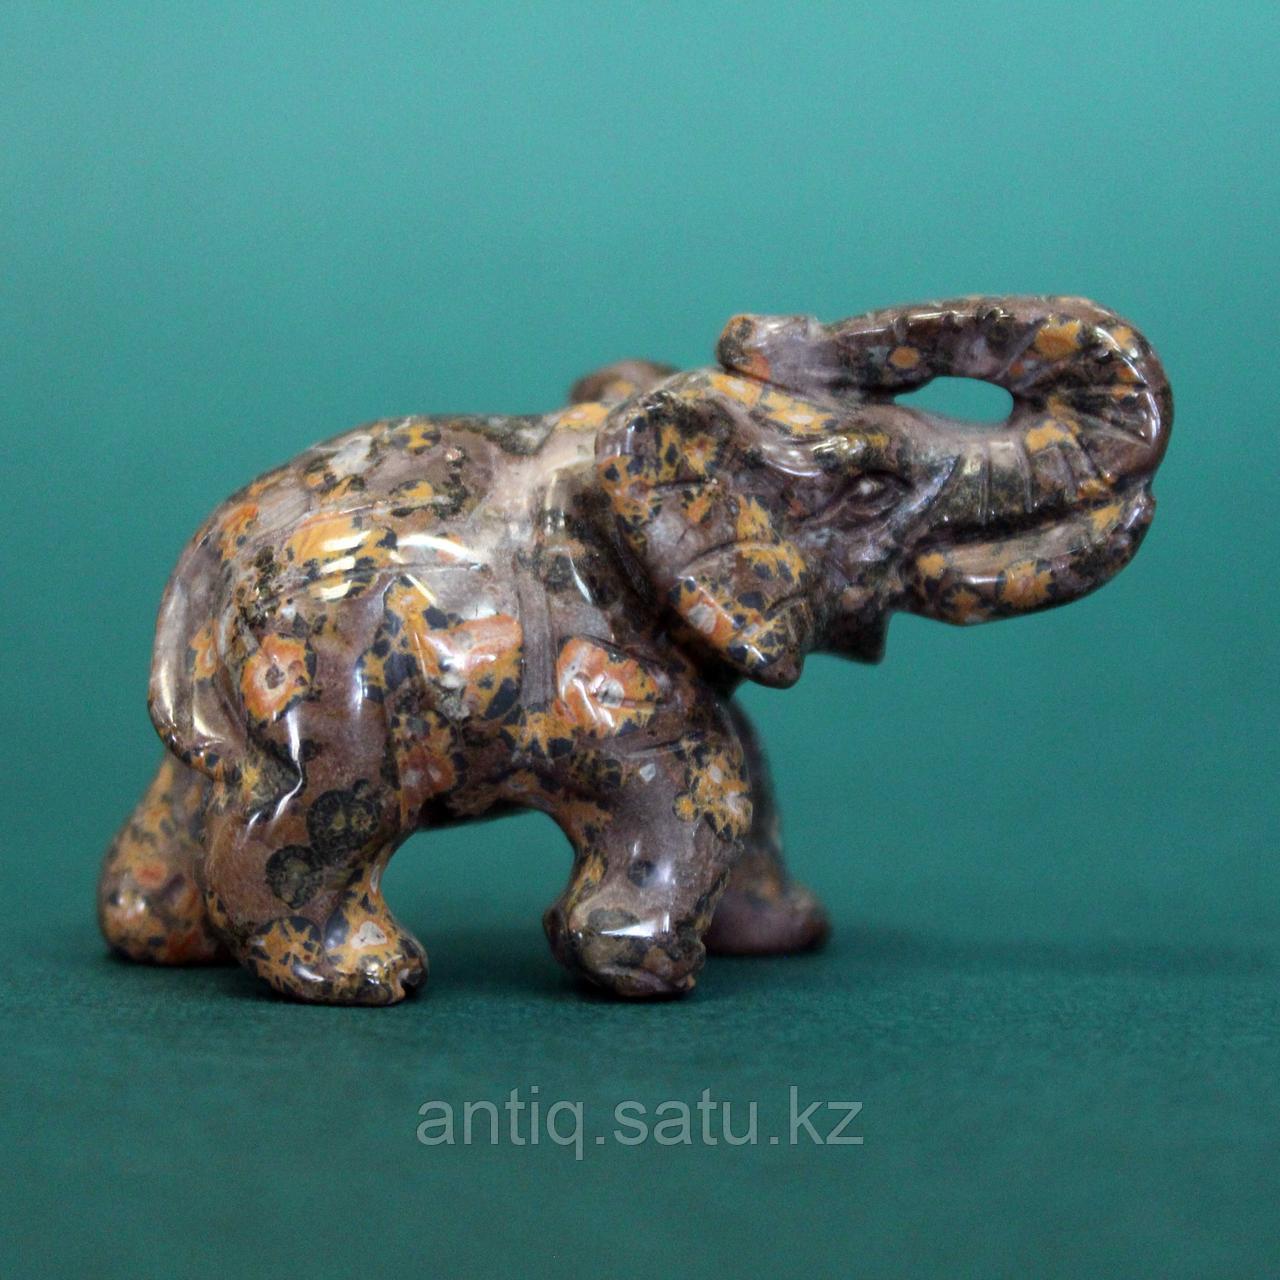 Слон из натурального камня. - фото 1